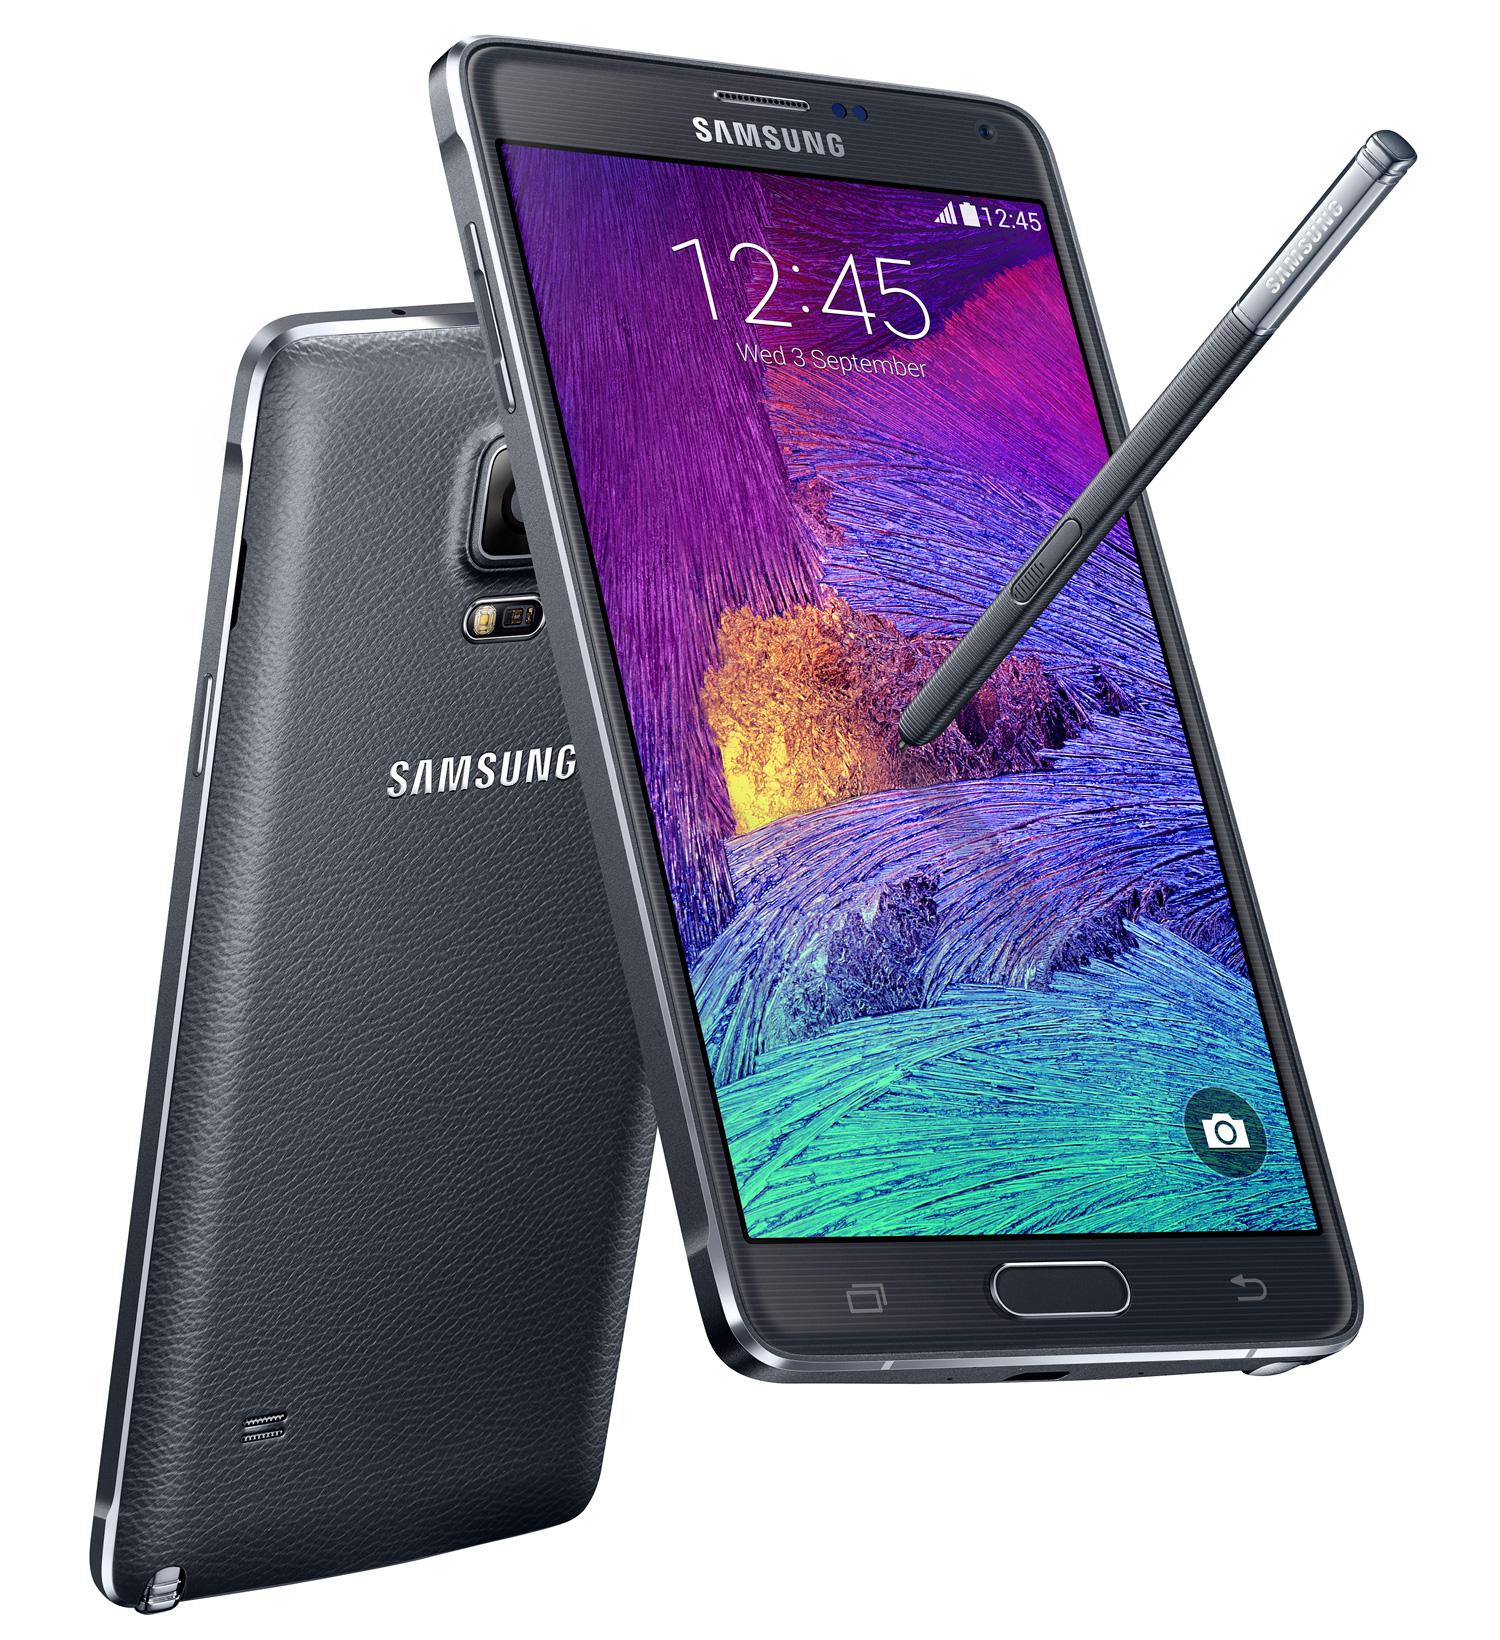 Smartphone Samsung Galaxy Note 4 32Go - Noir ou blanc (avec ODR de 70€) + 140€ en bon d'achat